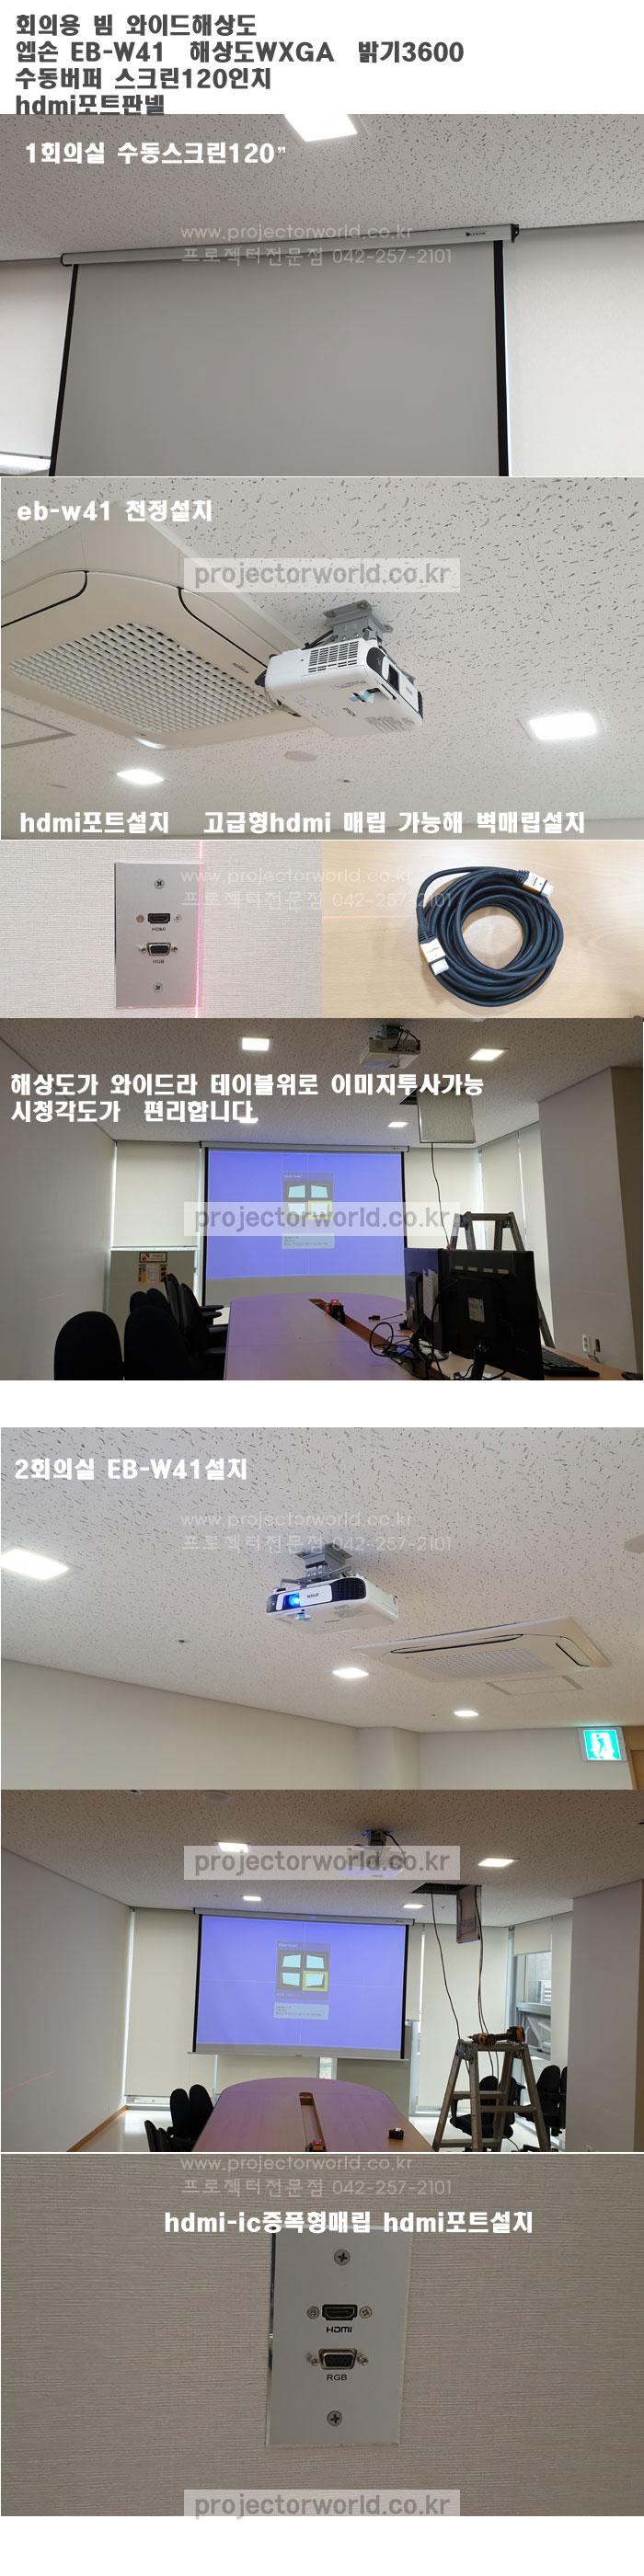 hdmi매립,EB-W41,대전프로젝터,세종프로젝터설치,회의실빔설치,수동스크린대전,